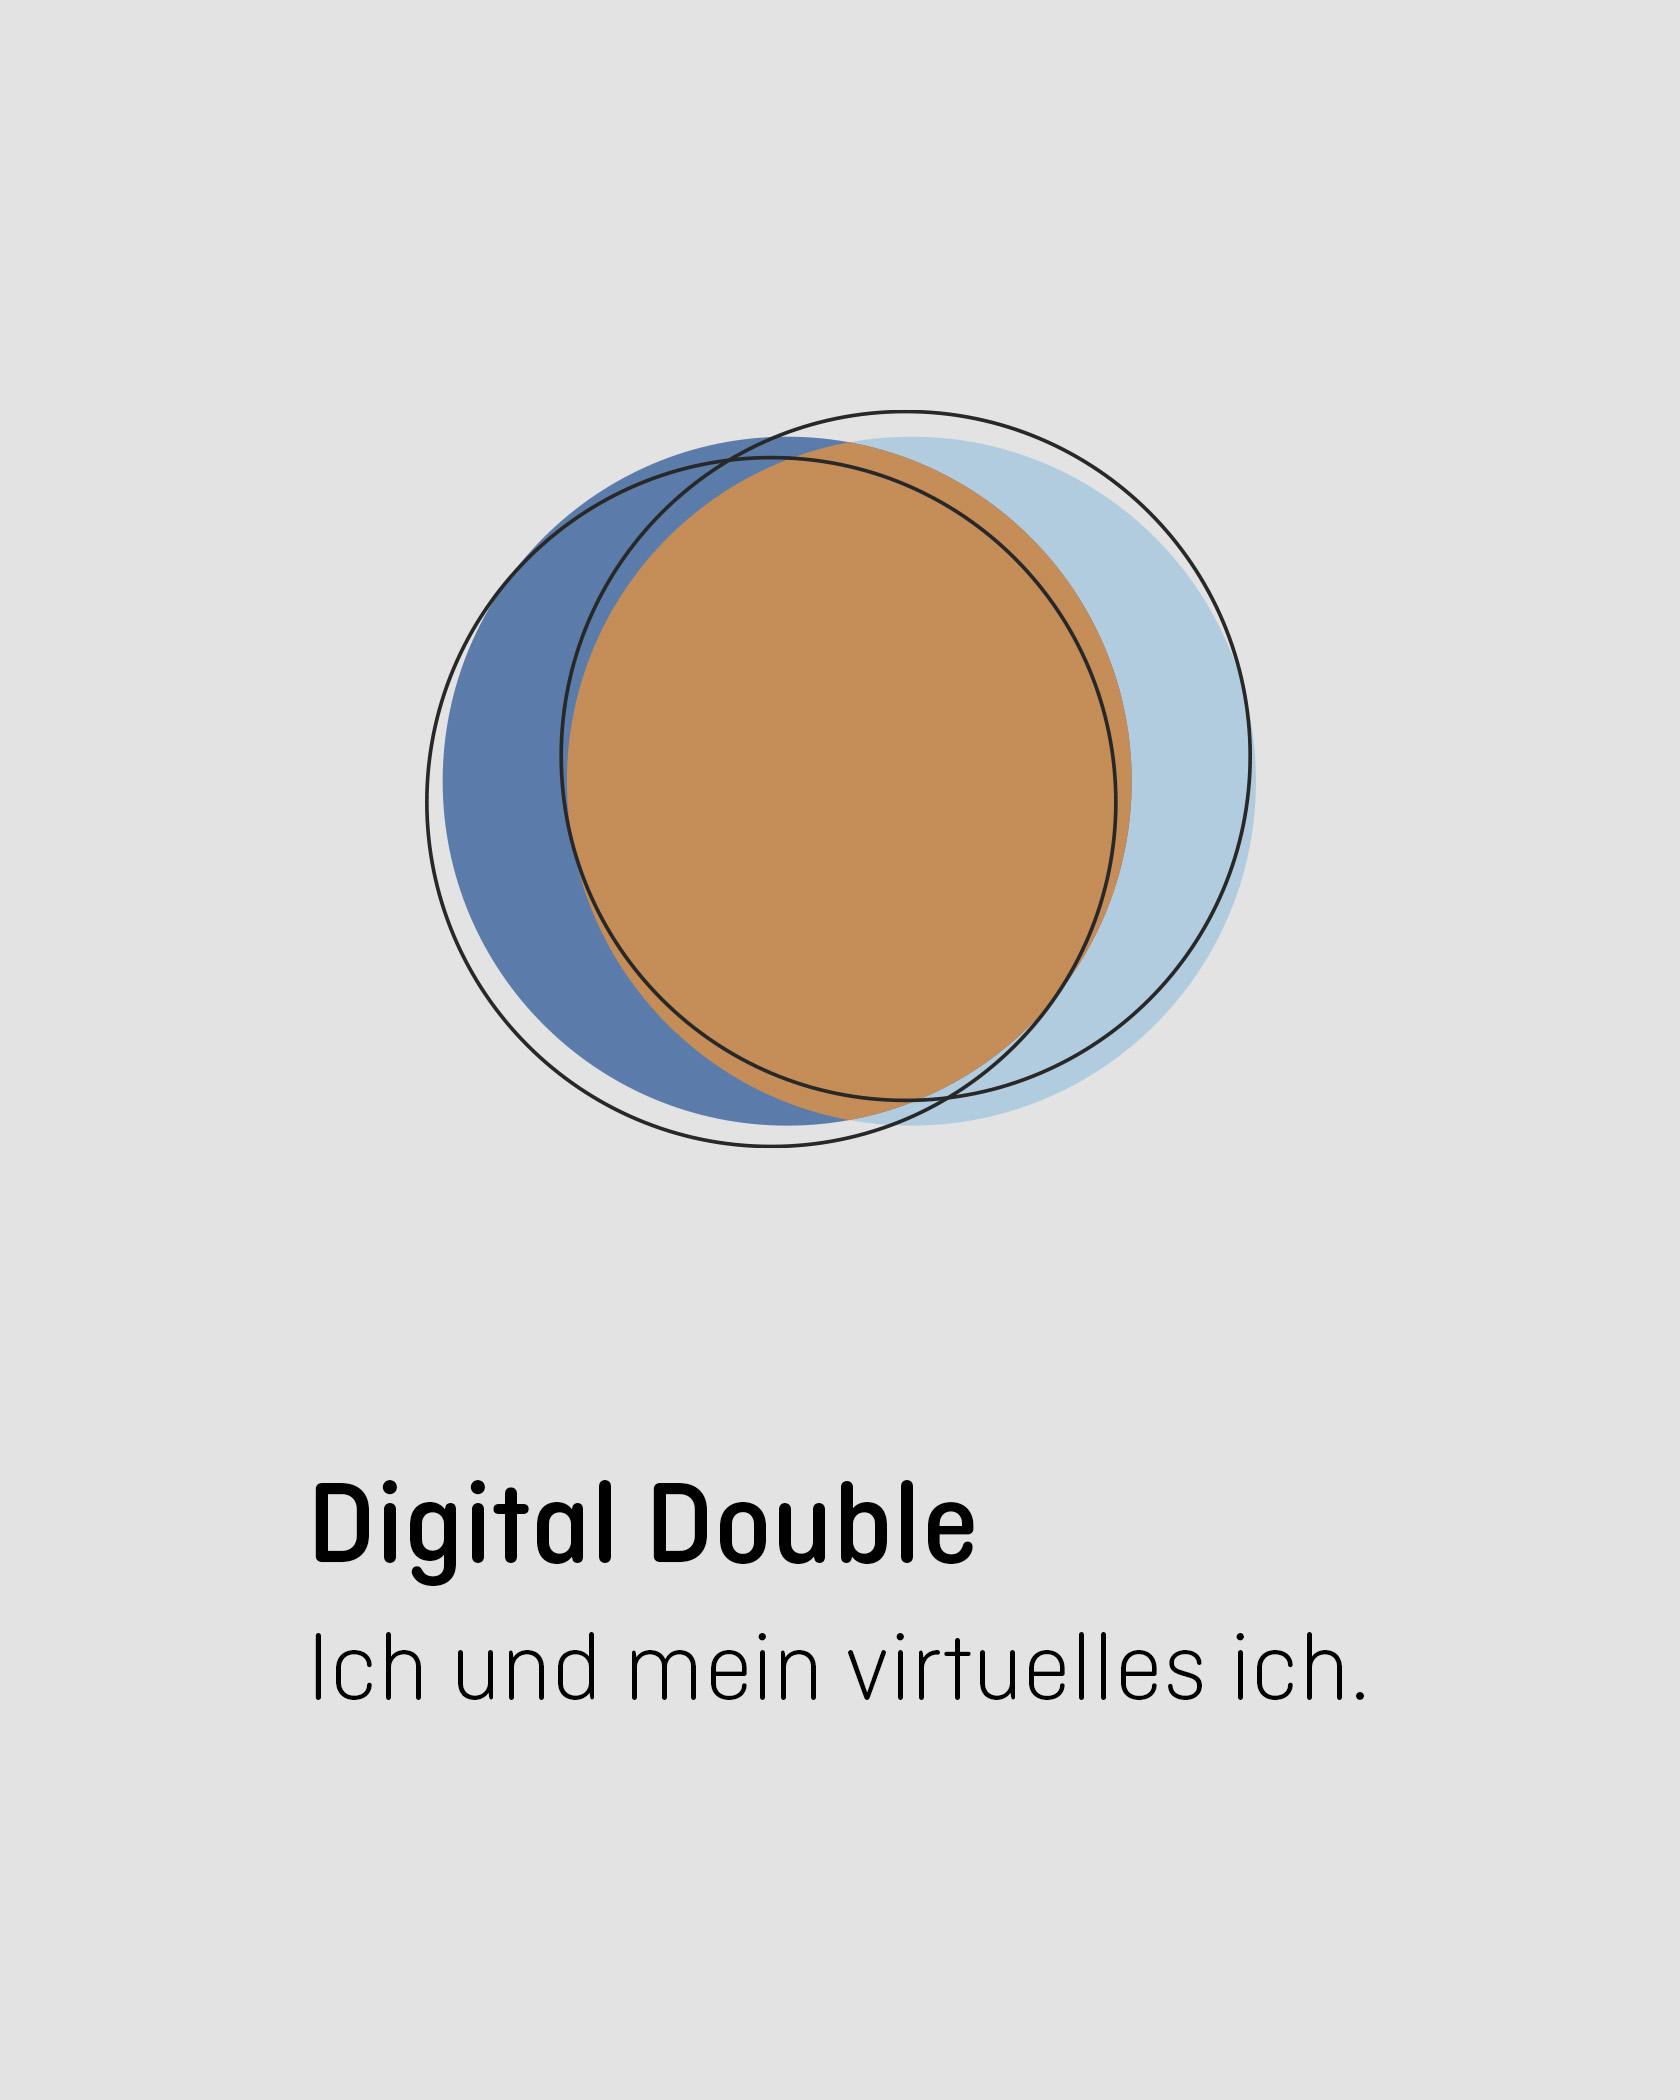 Digital_Double_Header_DE_1